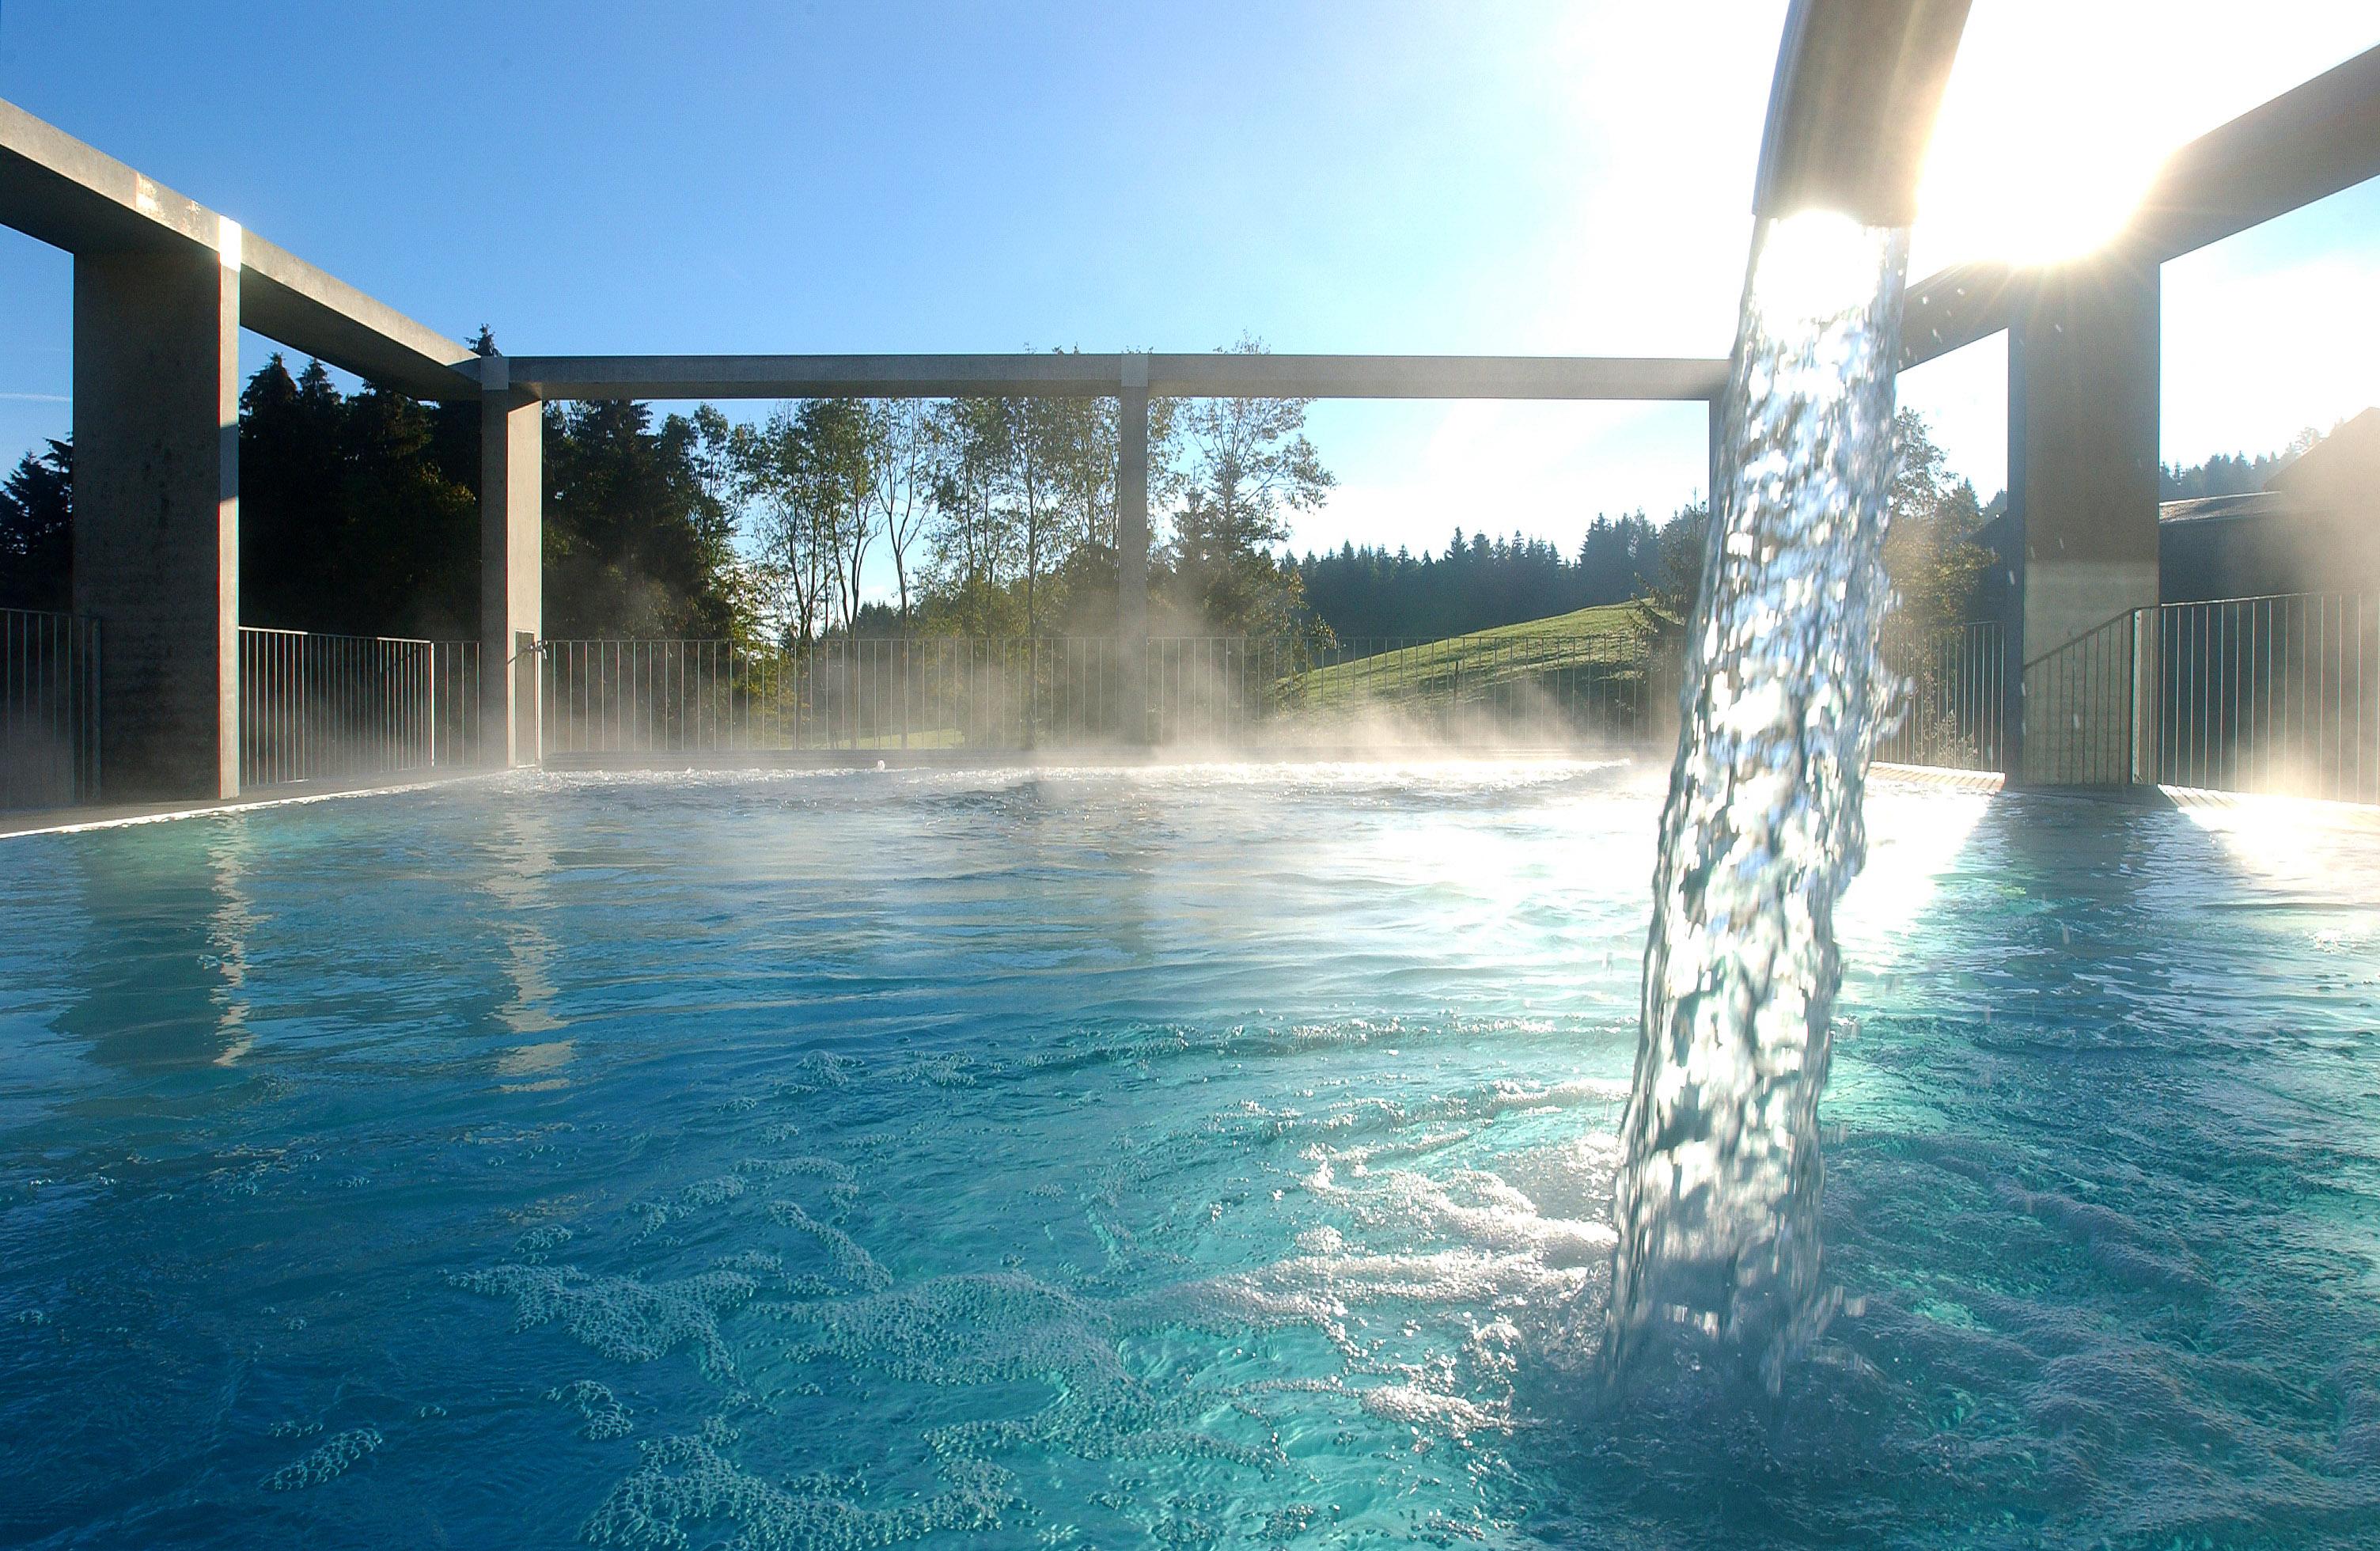 Bildergebnis für mineralbad unterrechstein